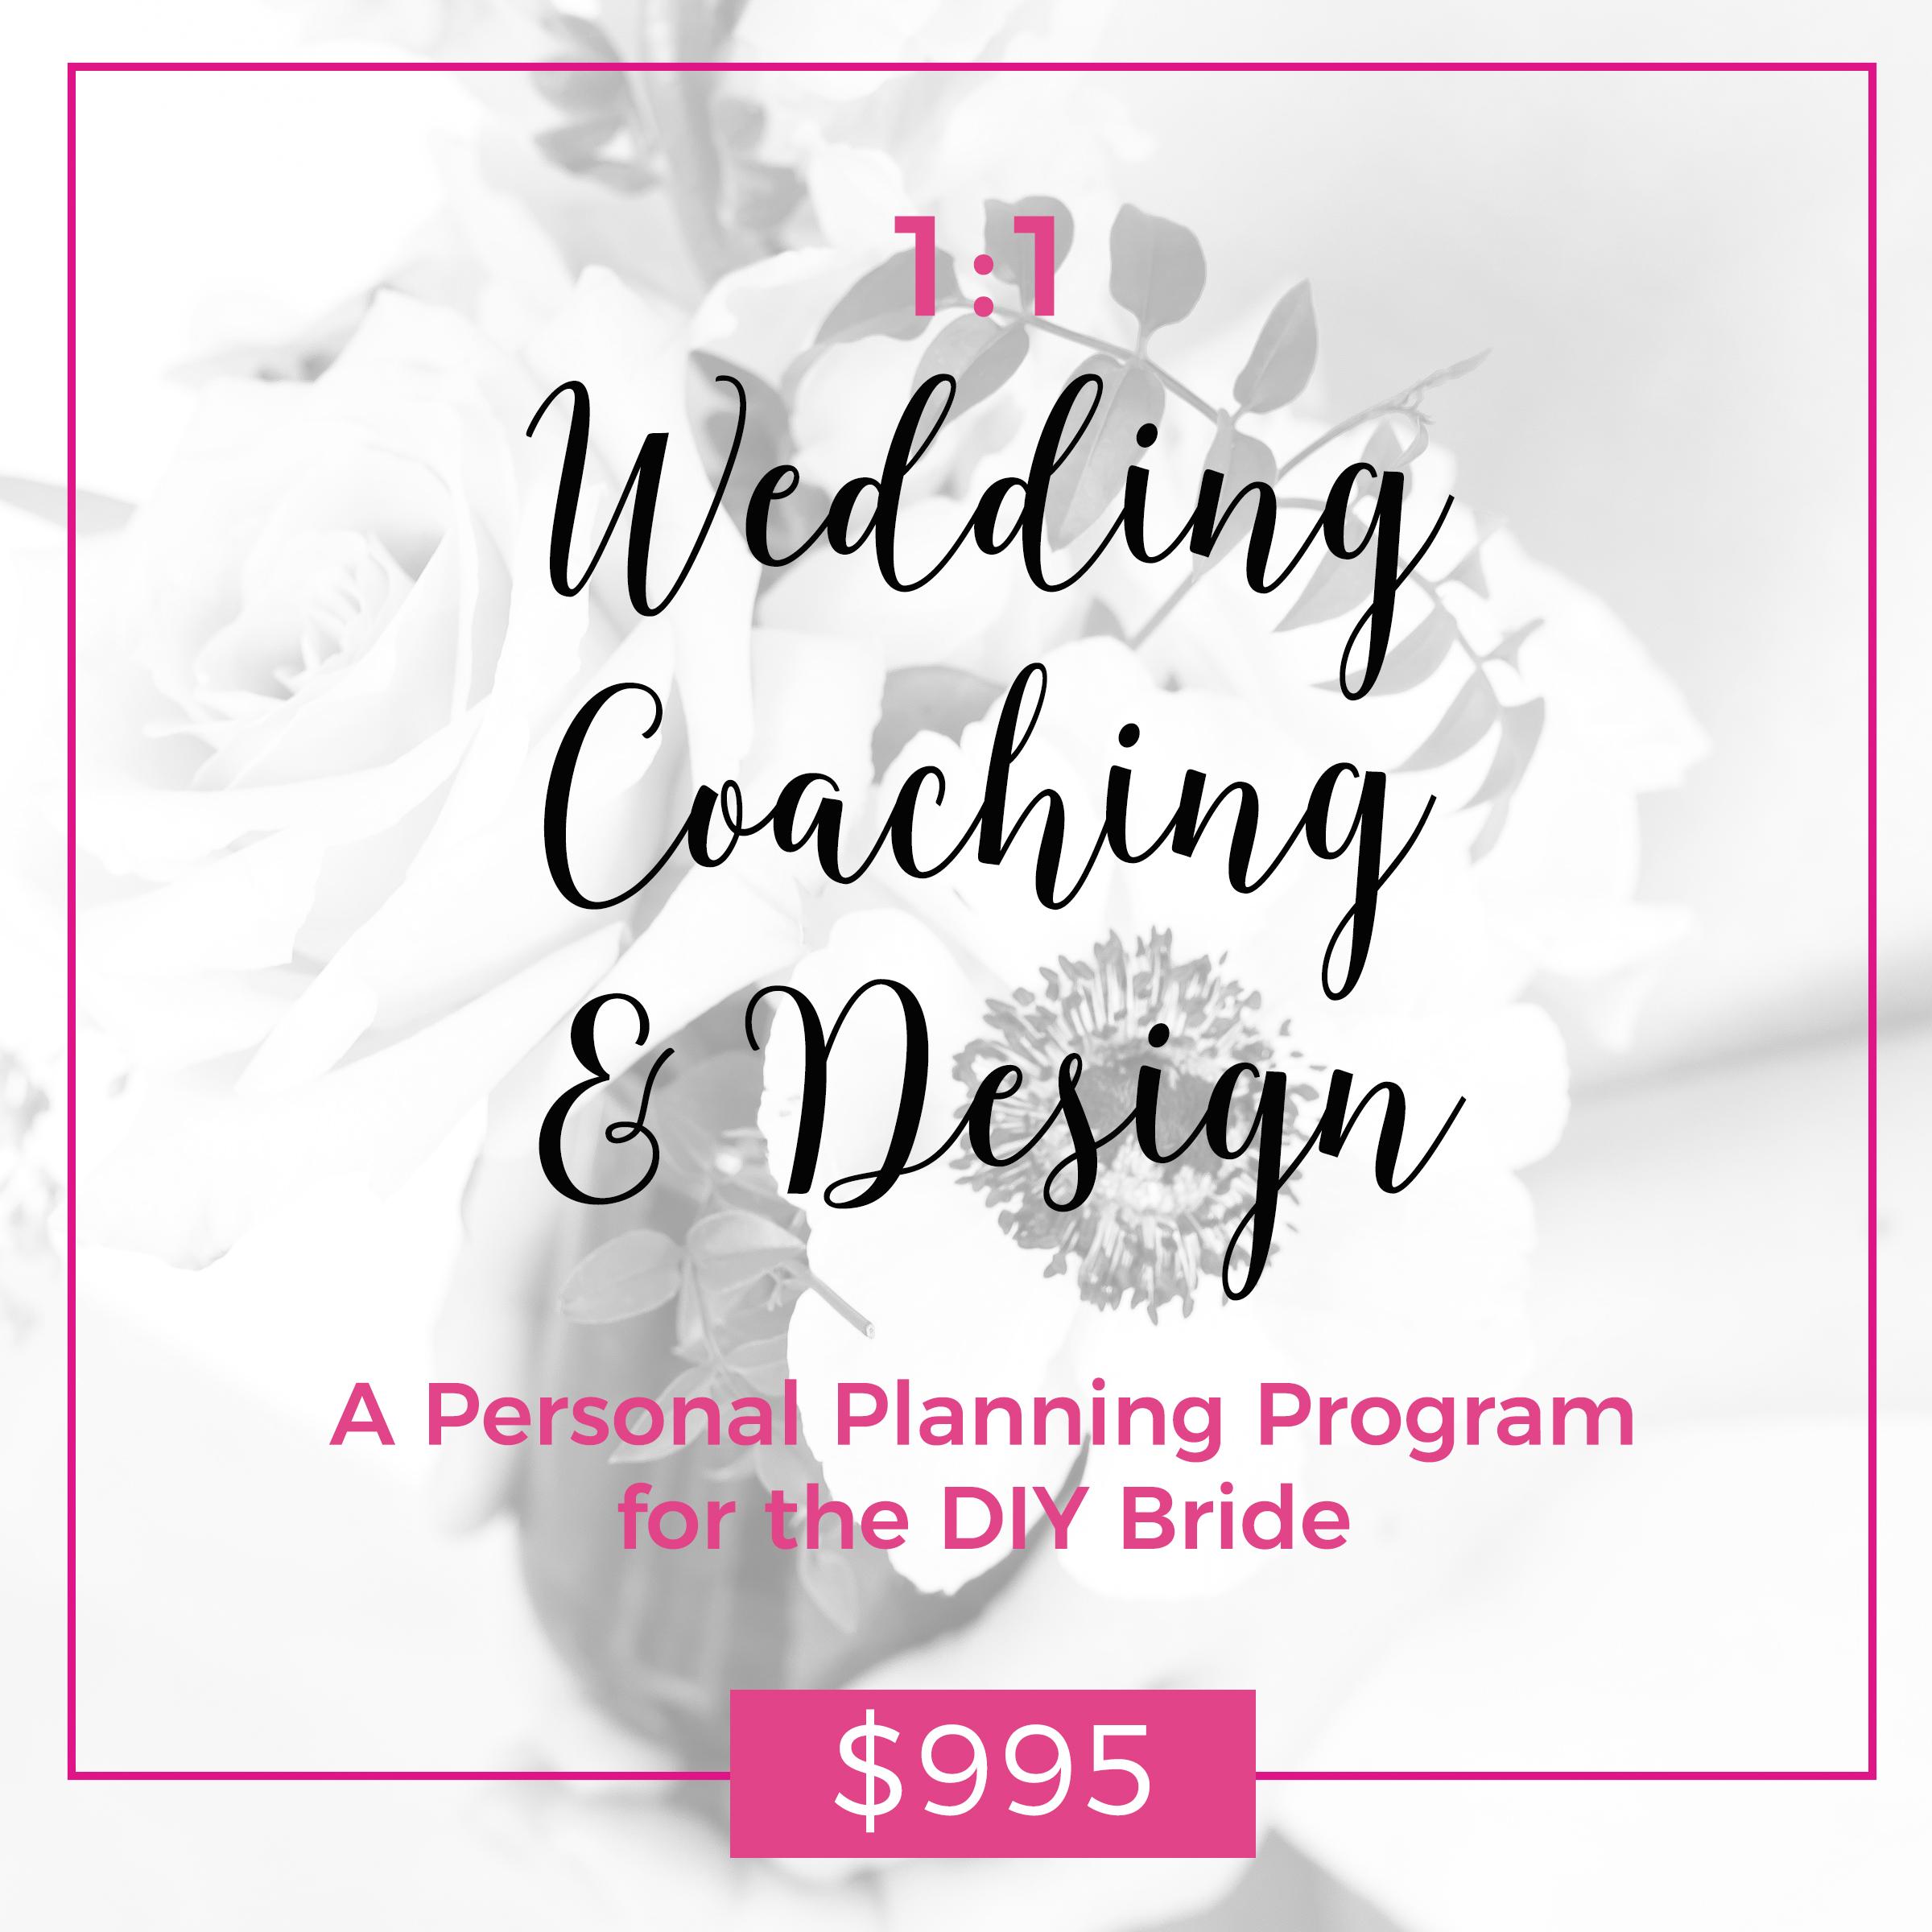 WeddingCoachingDesign.jpg